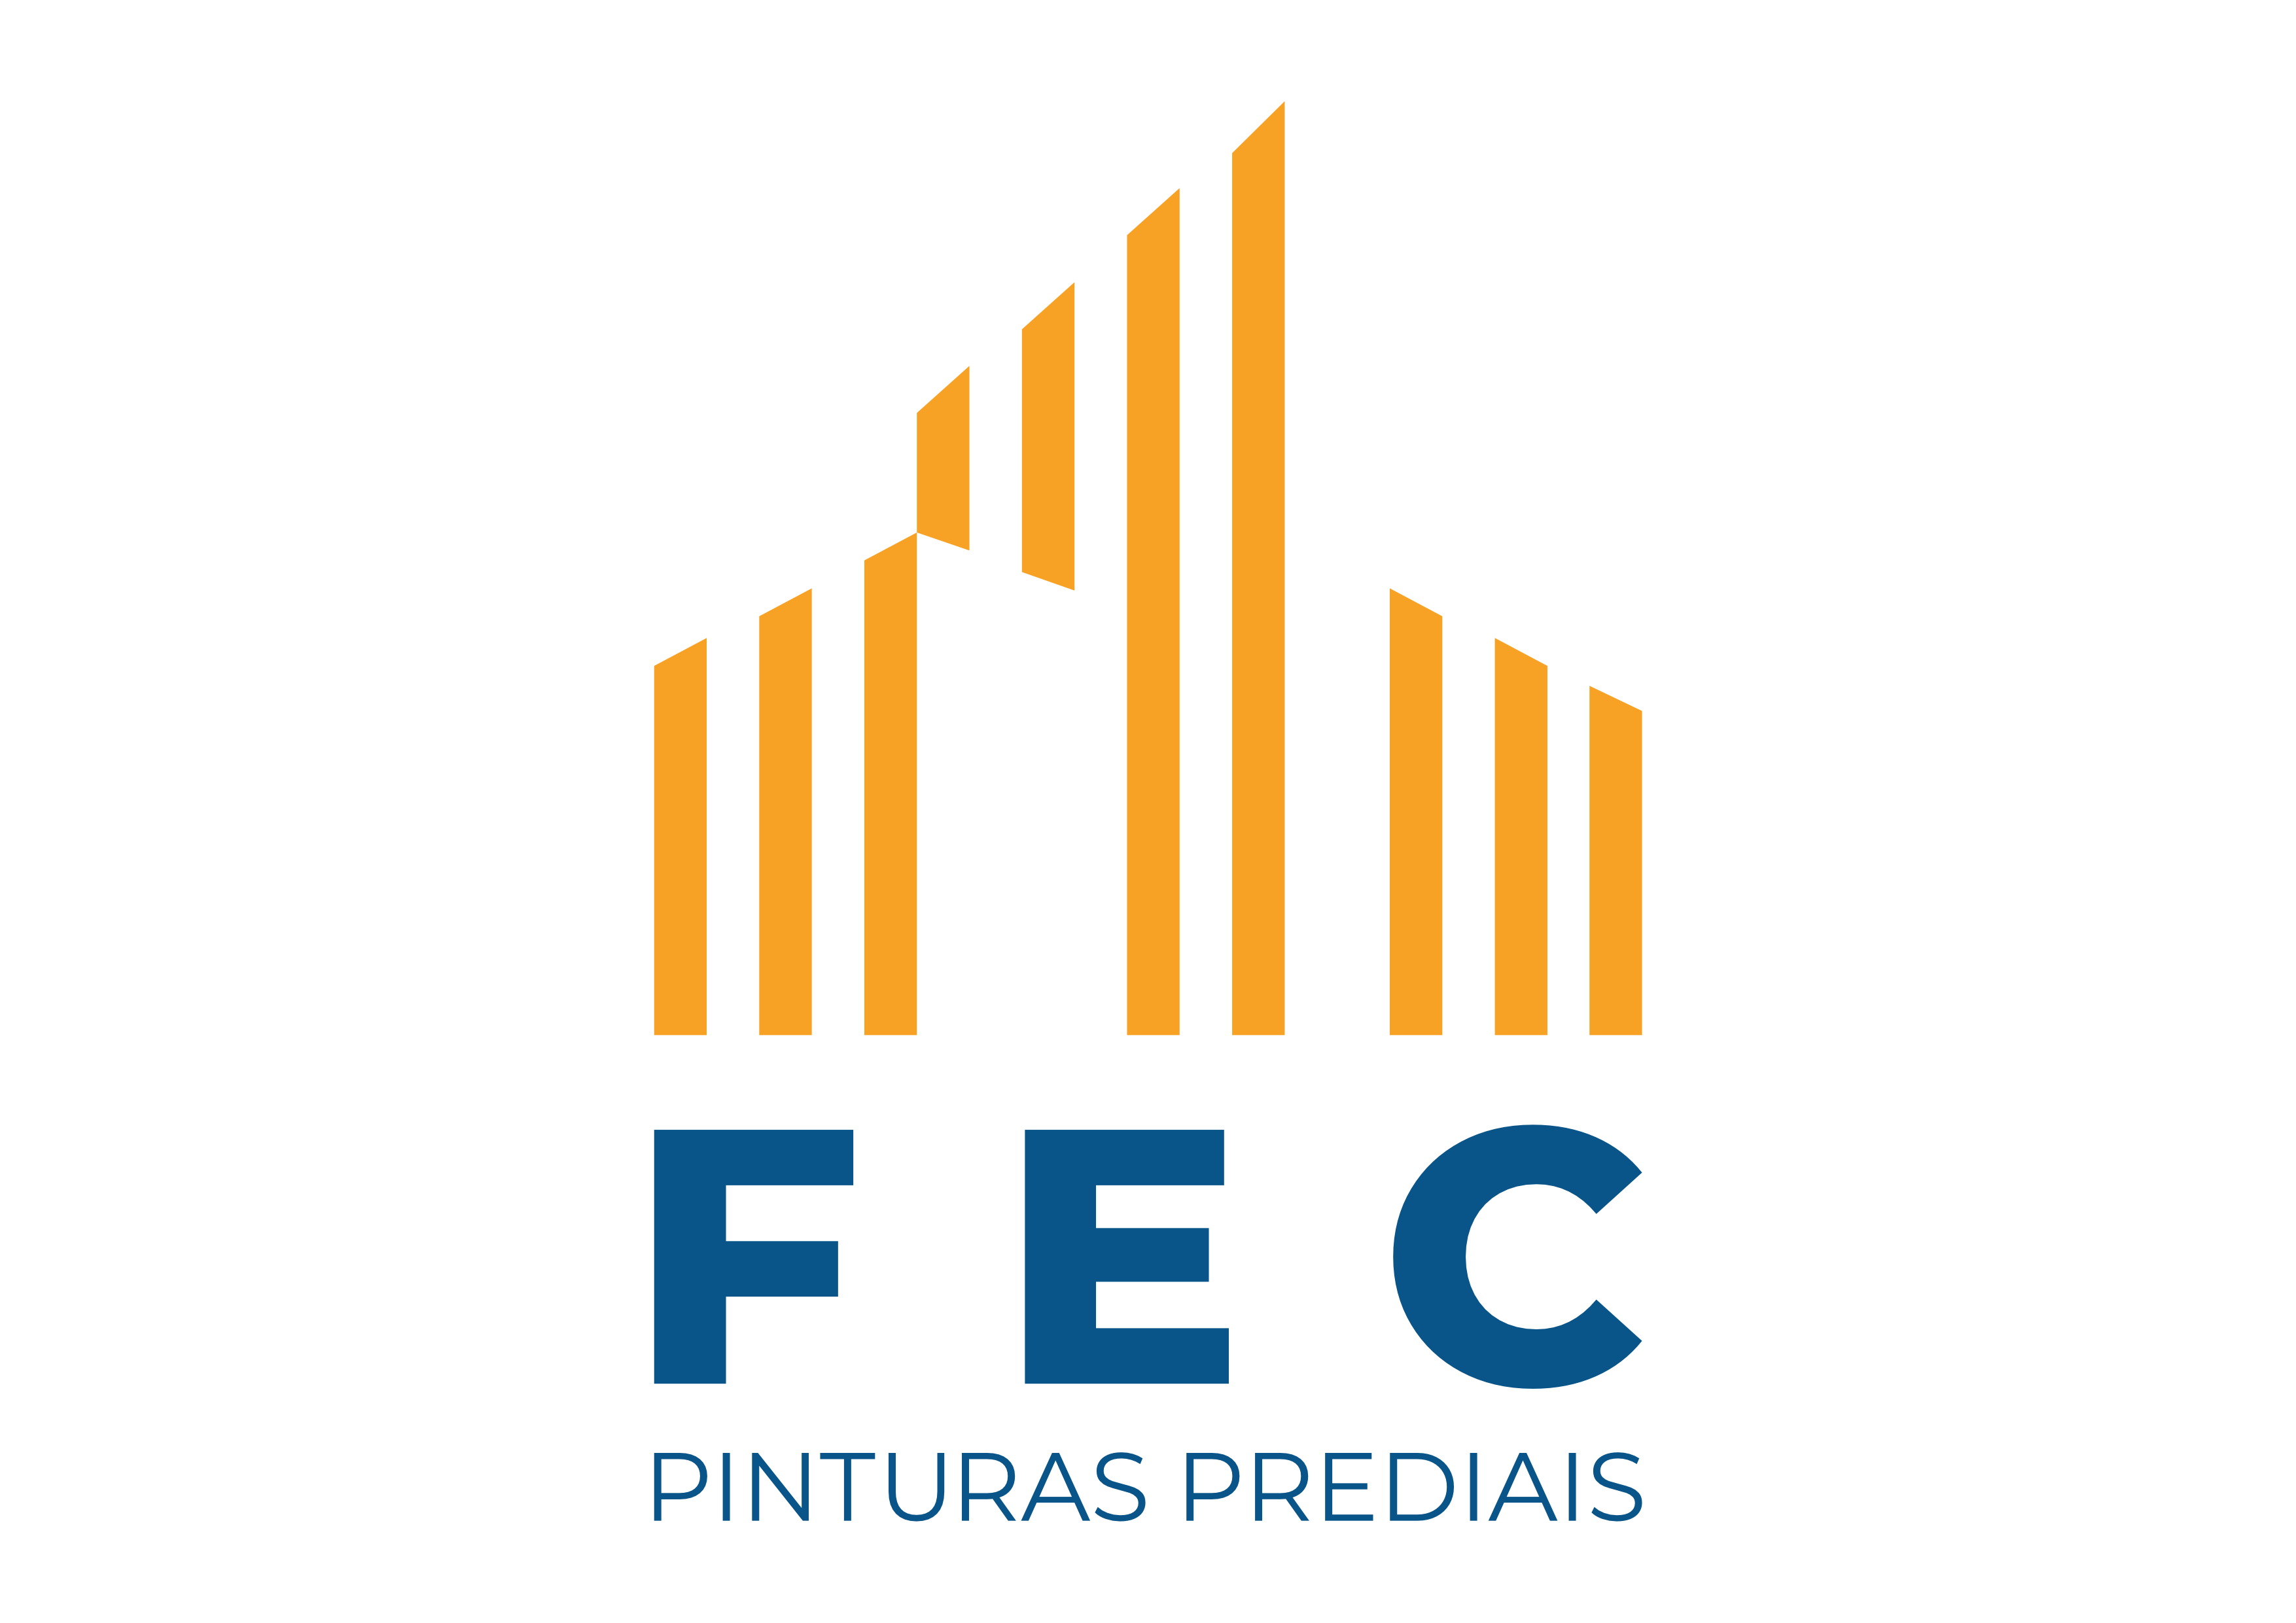 Pintura em Edificações Comerciais na Vila Linda - Pintura para Fachadas de Edifícios Altos - FEC Pinturas